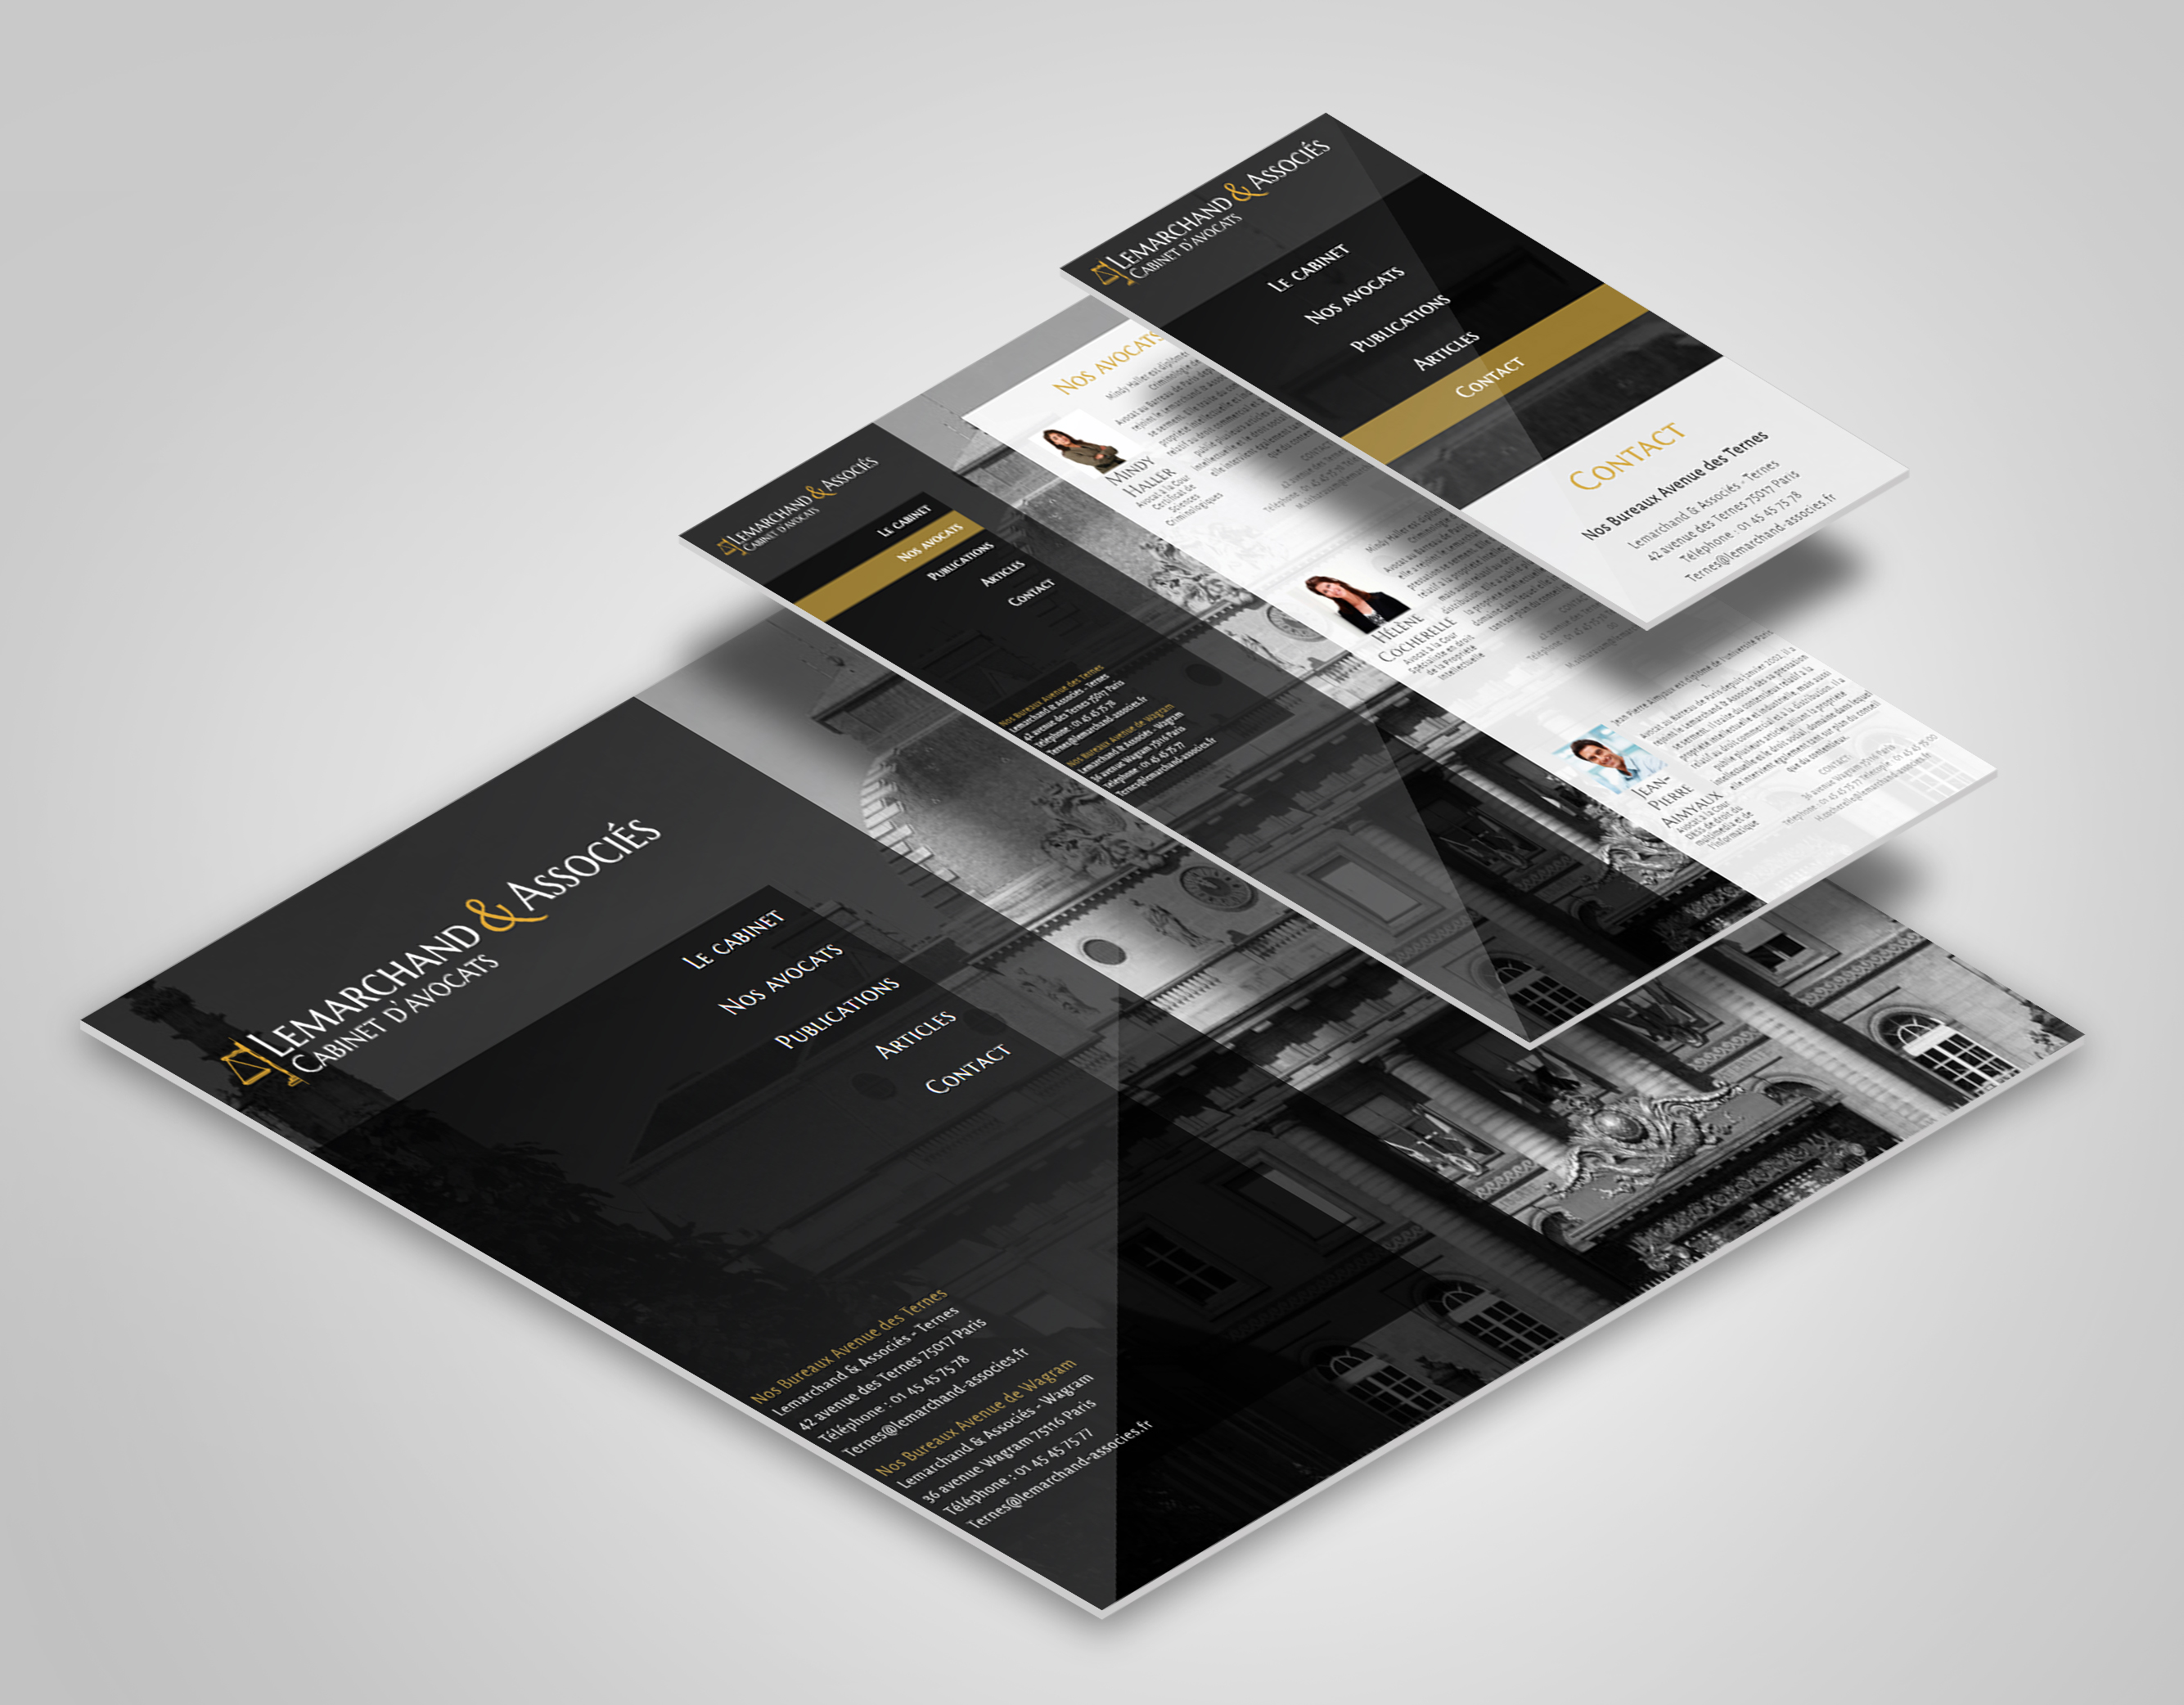 Lemarchand & associès UI design